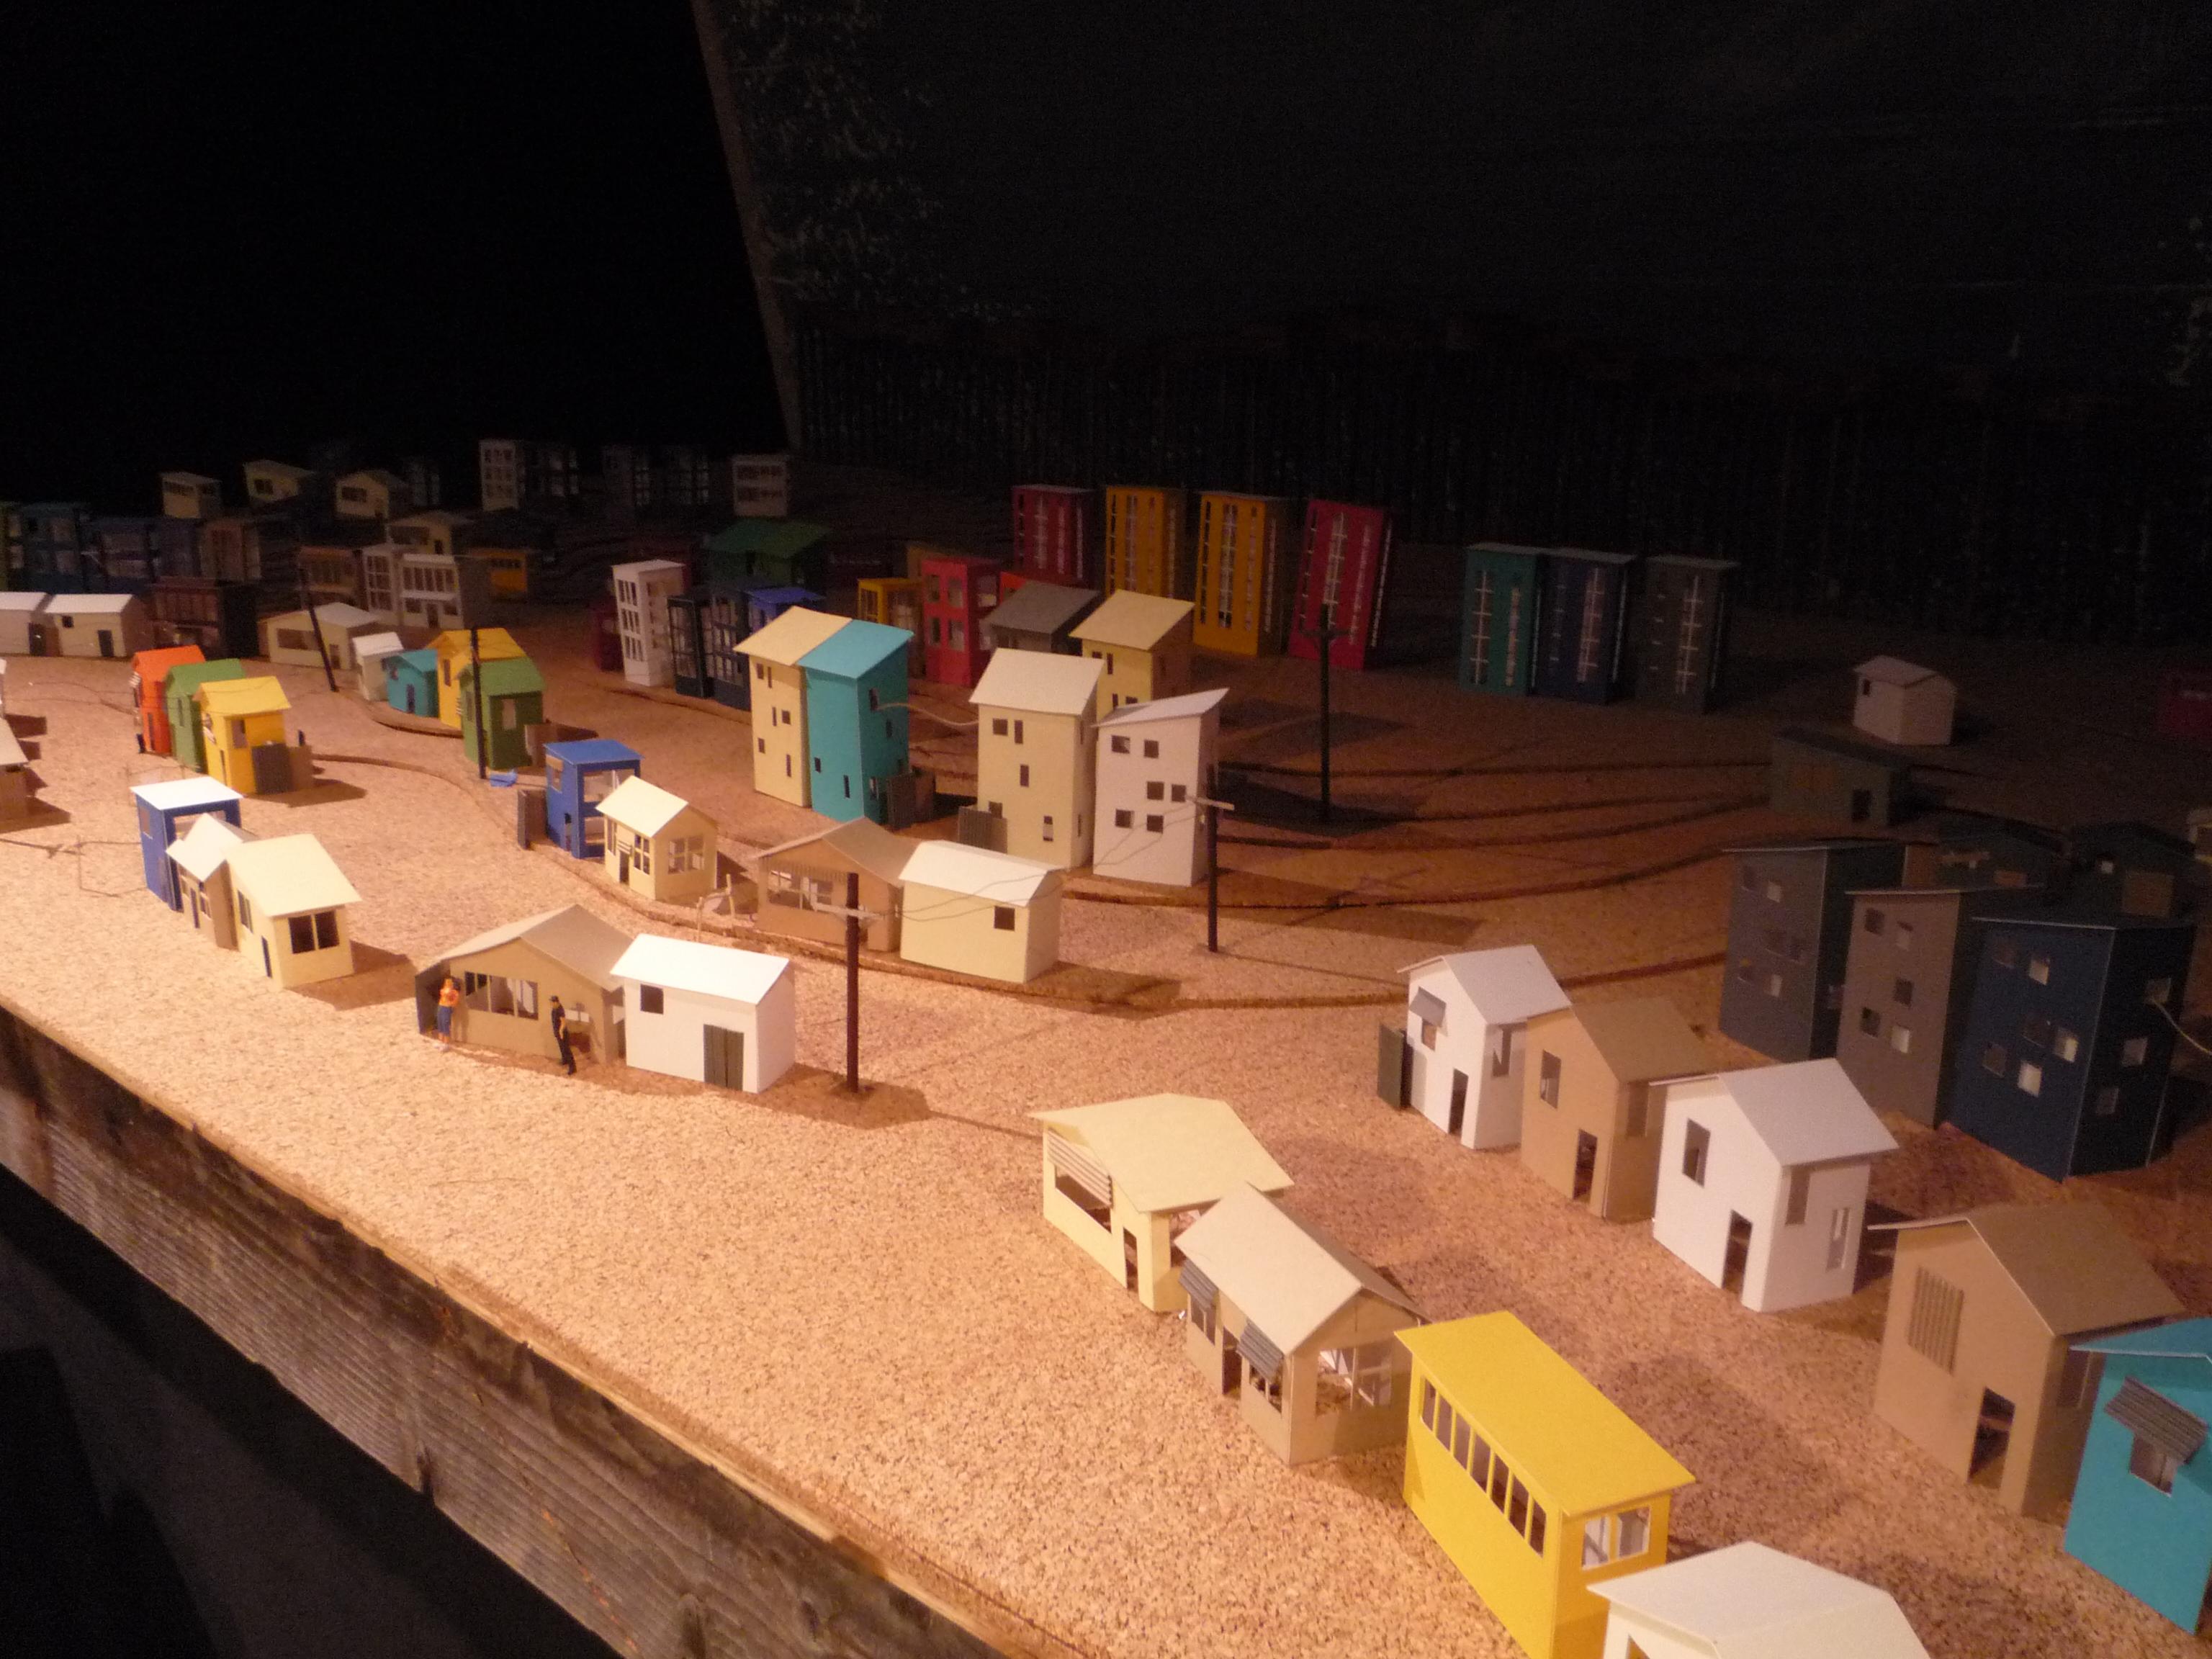 La ciudad de Nogales es el escenario de la obra del mismo nombre. Foto: Fernando Andrés Torres.